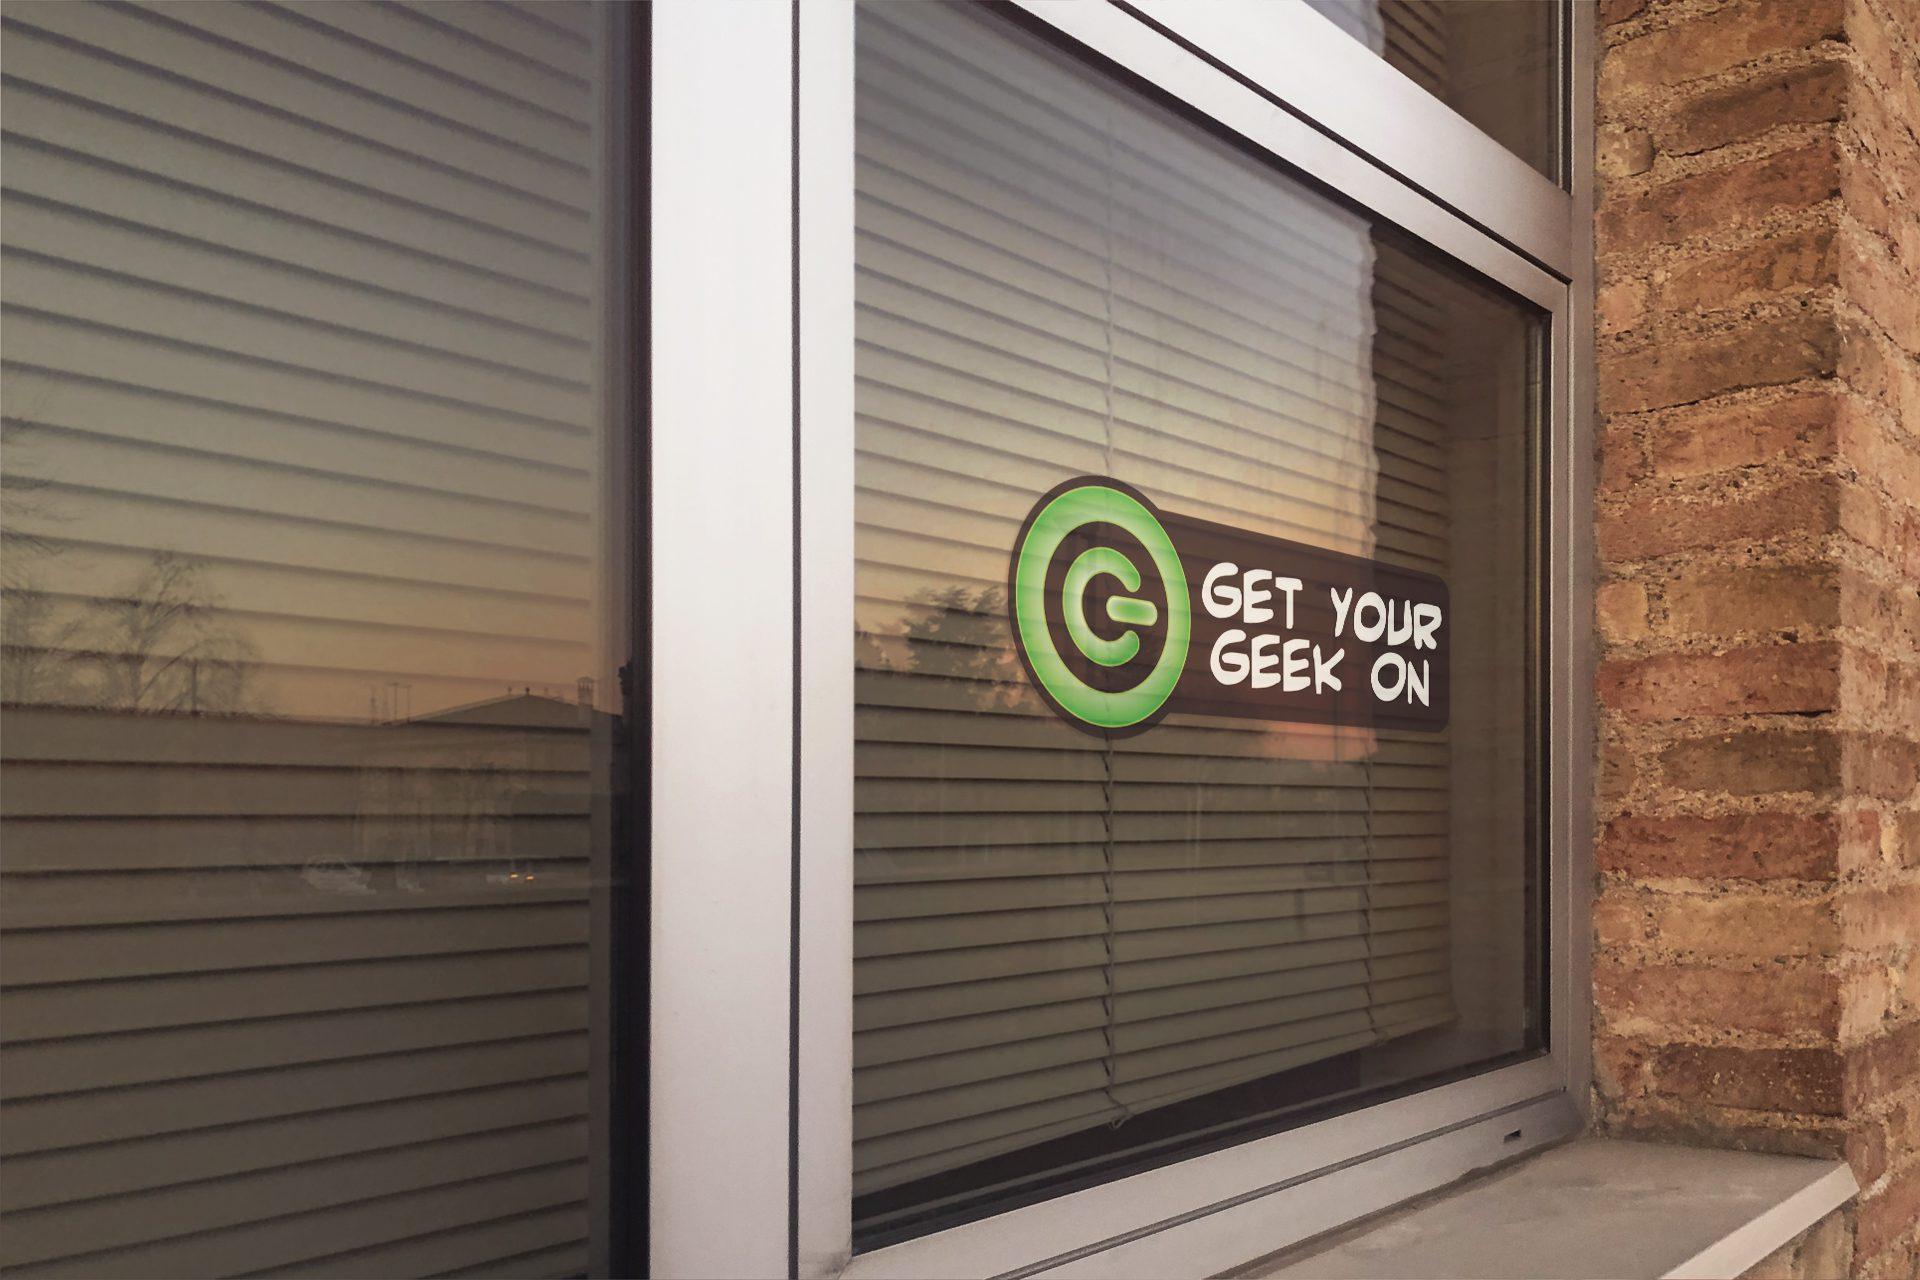 Get Your Geek On - Die-cut Sticker Mockup 02